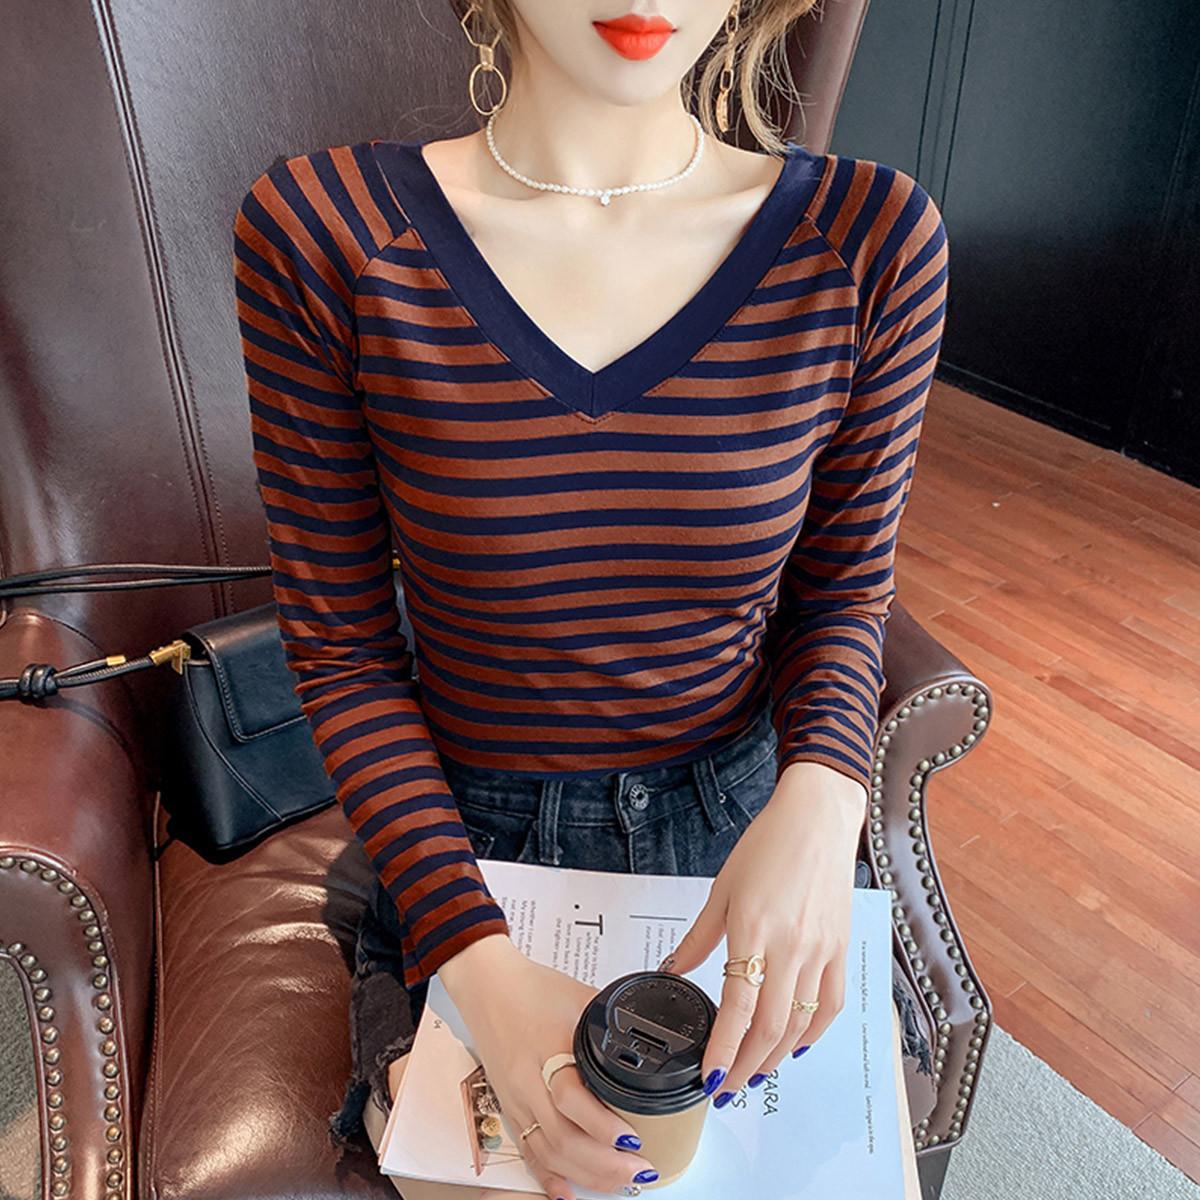 質檢官圖棉質長袖t恤女秋裝2021年條紋打底衫女內搭顯瘦V領上衣潮